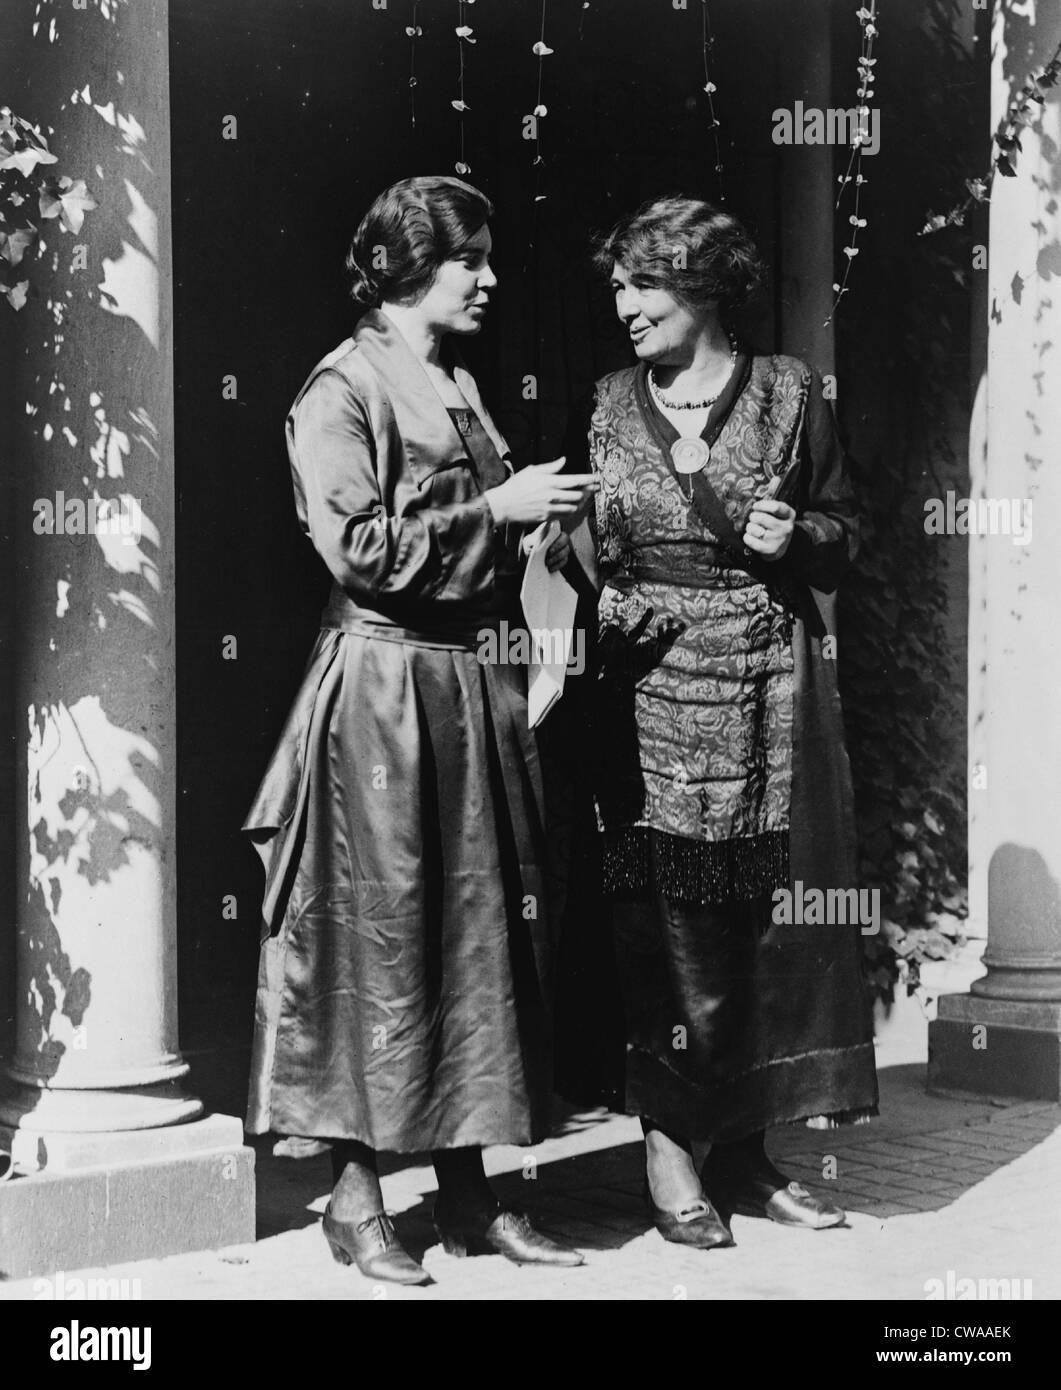 Alice Paolo (1885-1977) e Emmeline Pethick-Lawrence (1867-1954) gli americani e gli attivisti britannici per il suffragio femminile e parità Foto Stock